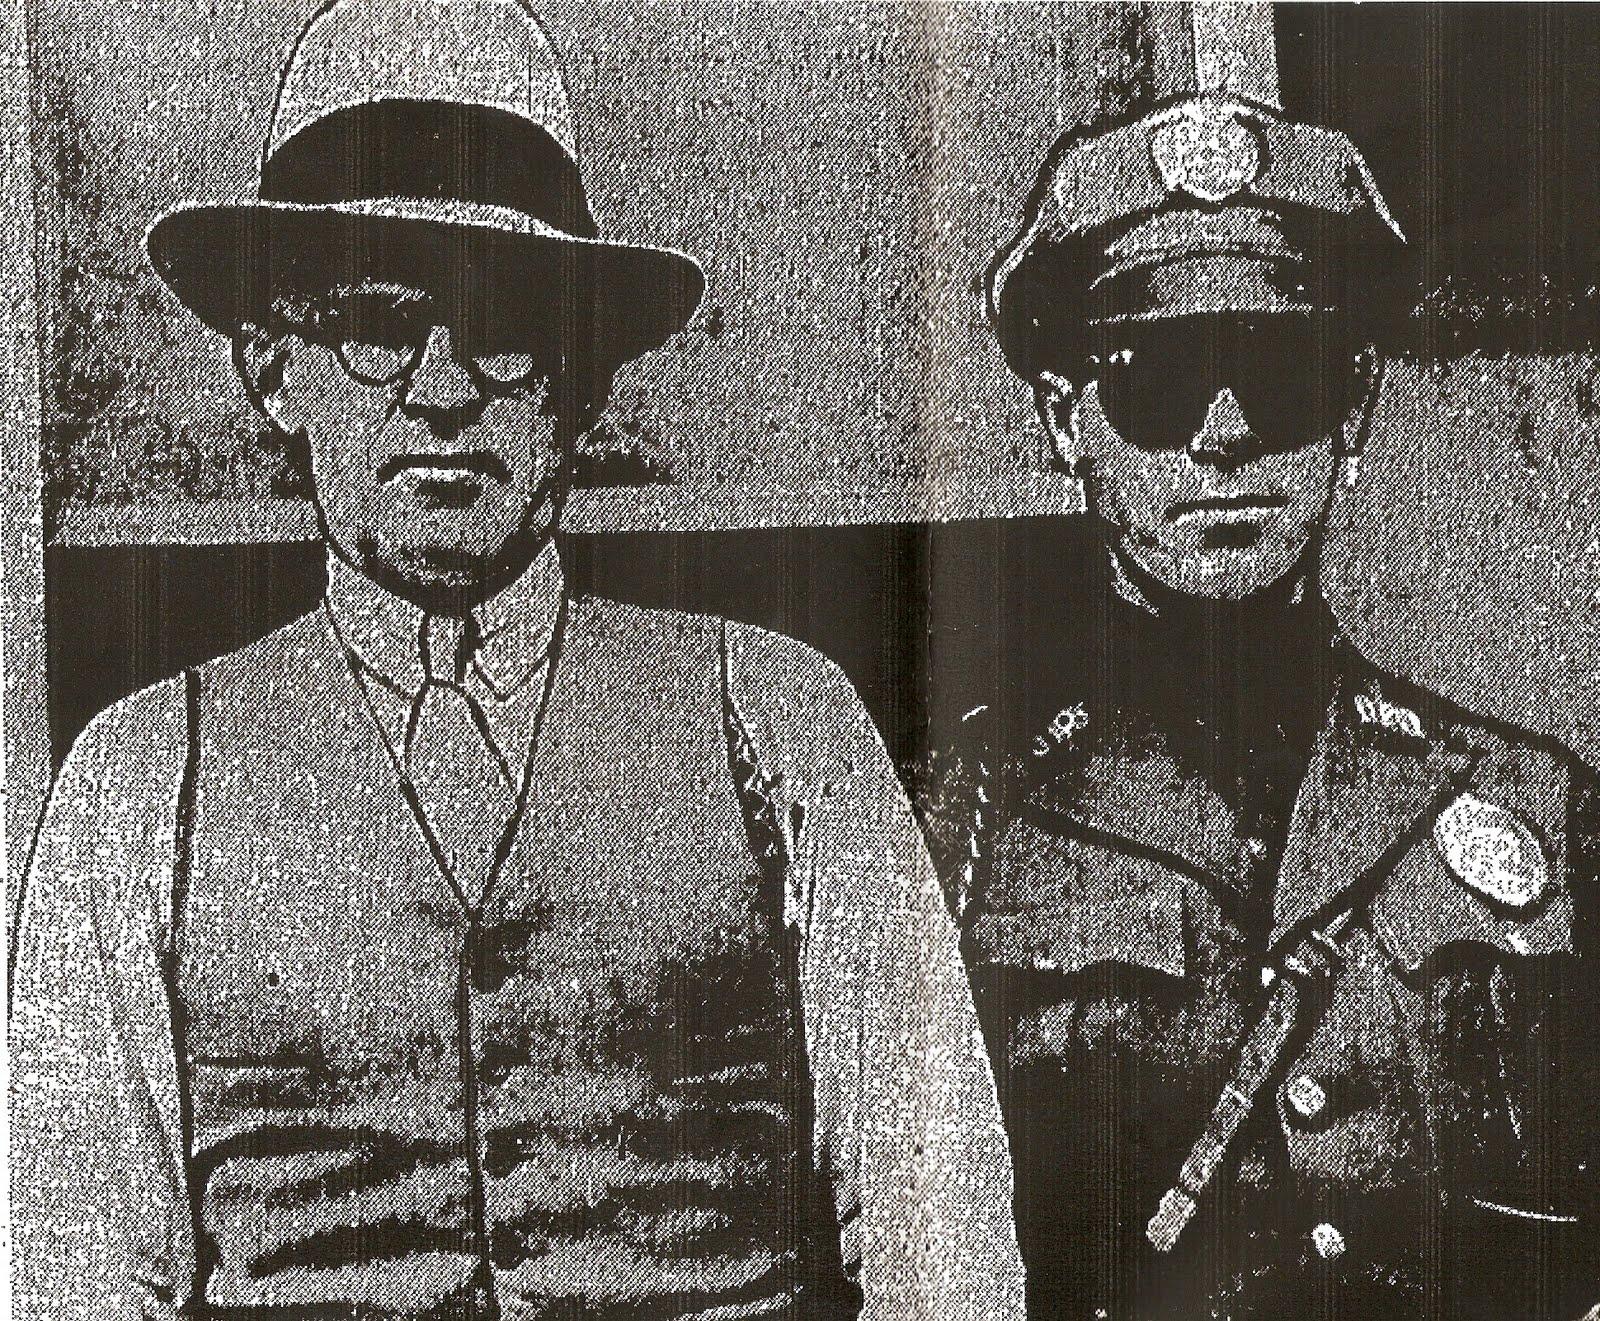 http://1.bp.blogspot.com/-L0Xh8kVVeio/TflUmTKADZI/AAAAAAAAAgM/oo0dYrRlA48/s1600/Harold+Vermilyea+with+California+Officer+Hammond+Oct+1934.JPG